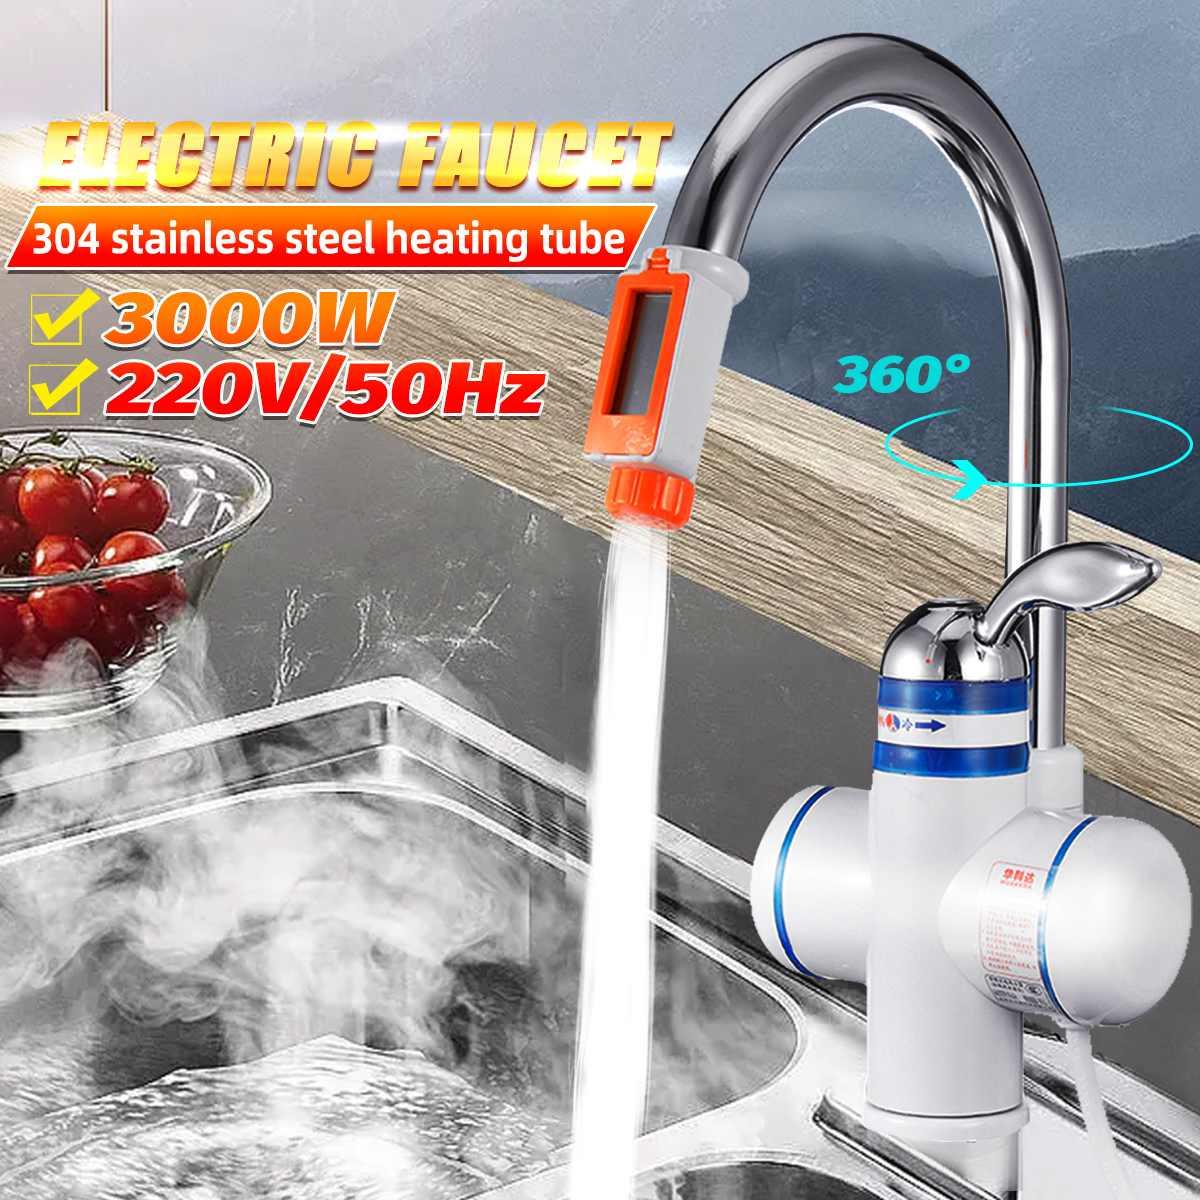 Водонагреватель кухонный мгновенный нагрев кран электрические водонагреватели Электрический кран дисплей температуры